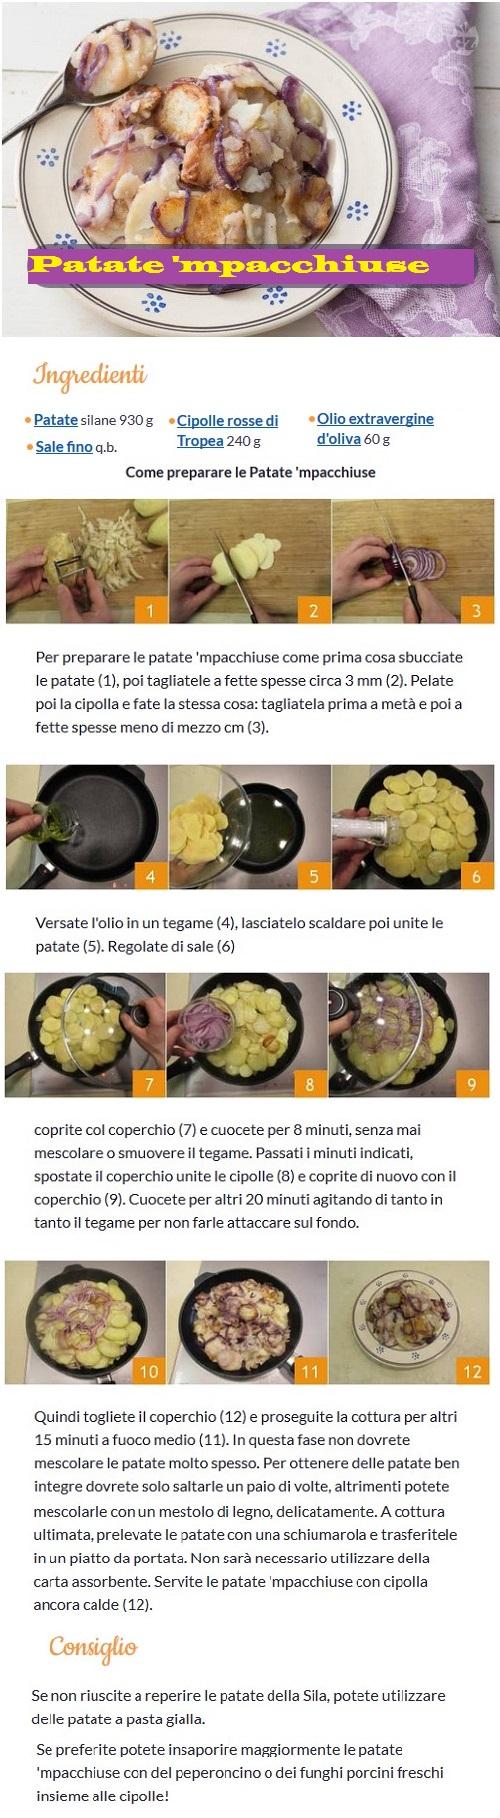 Patate in cucina - Pagina 2 Patate16